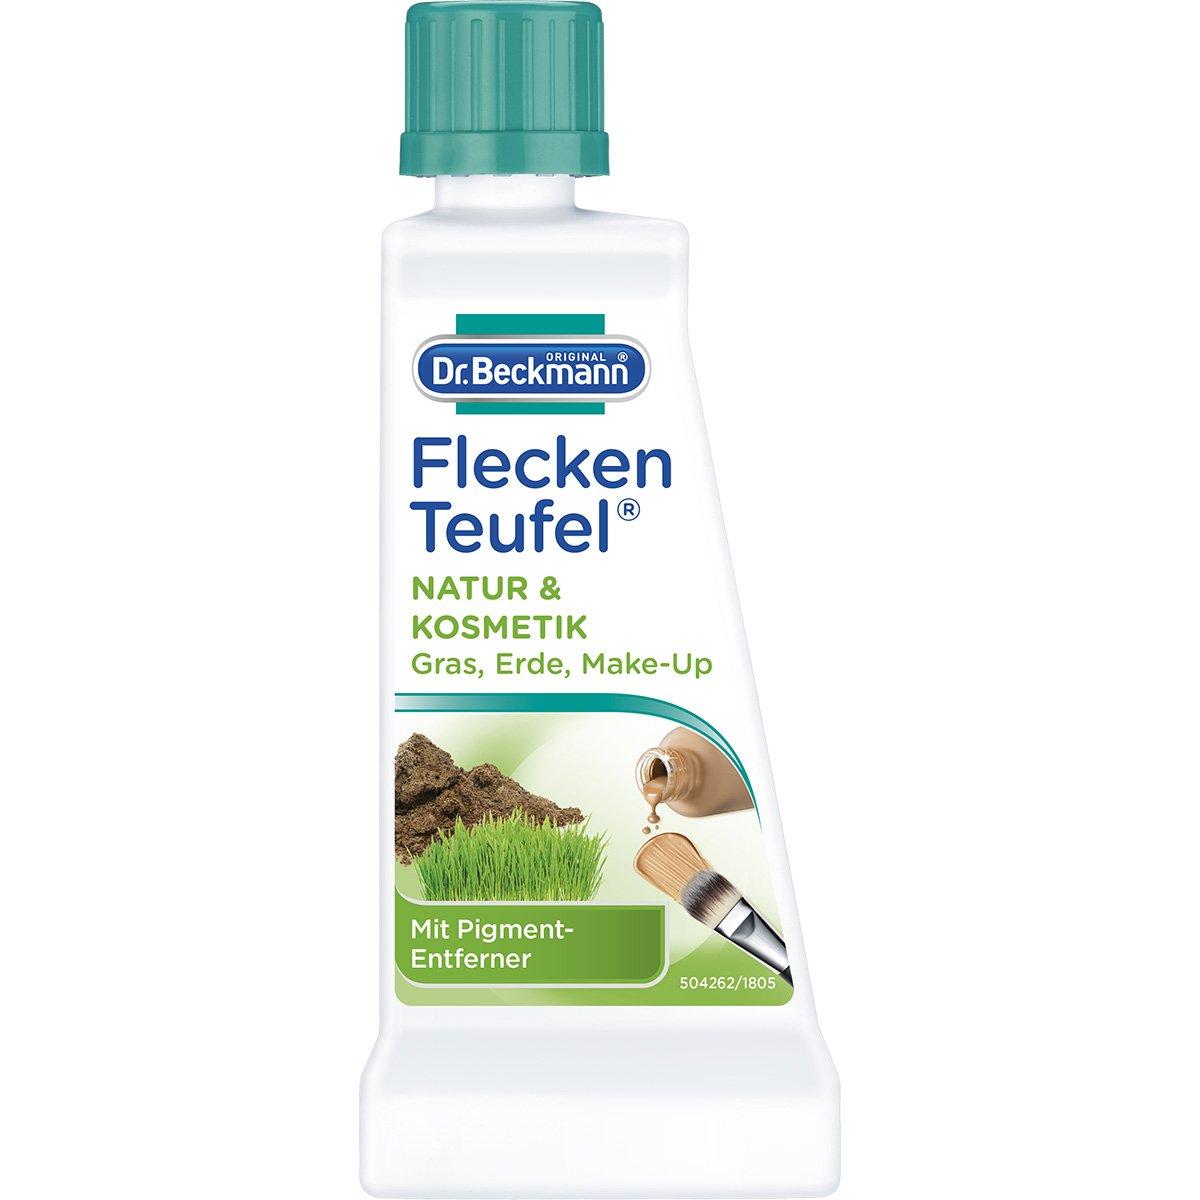 Solutie indepartarea petelor din natura si cosmetice Dr. Beckmann, 50 ml imagine